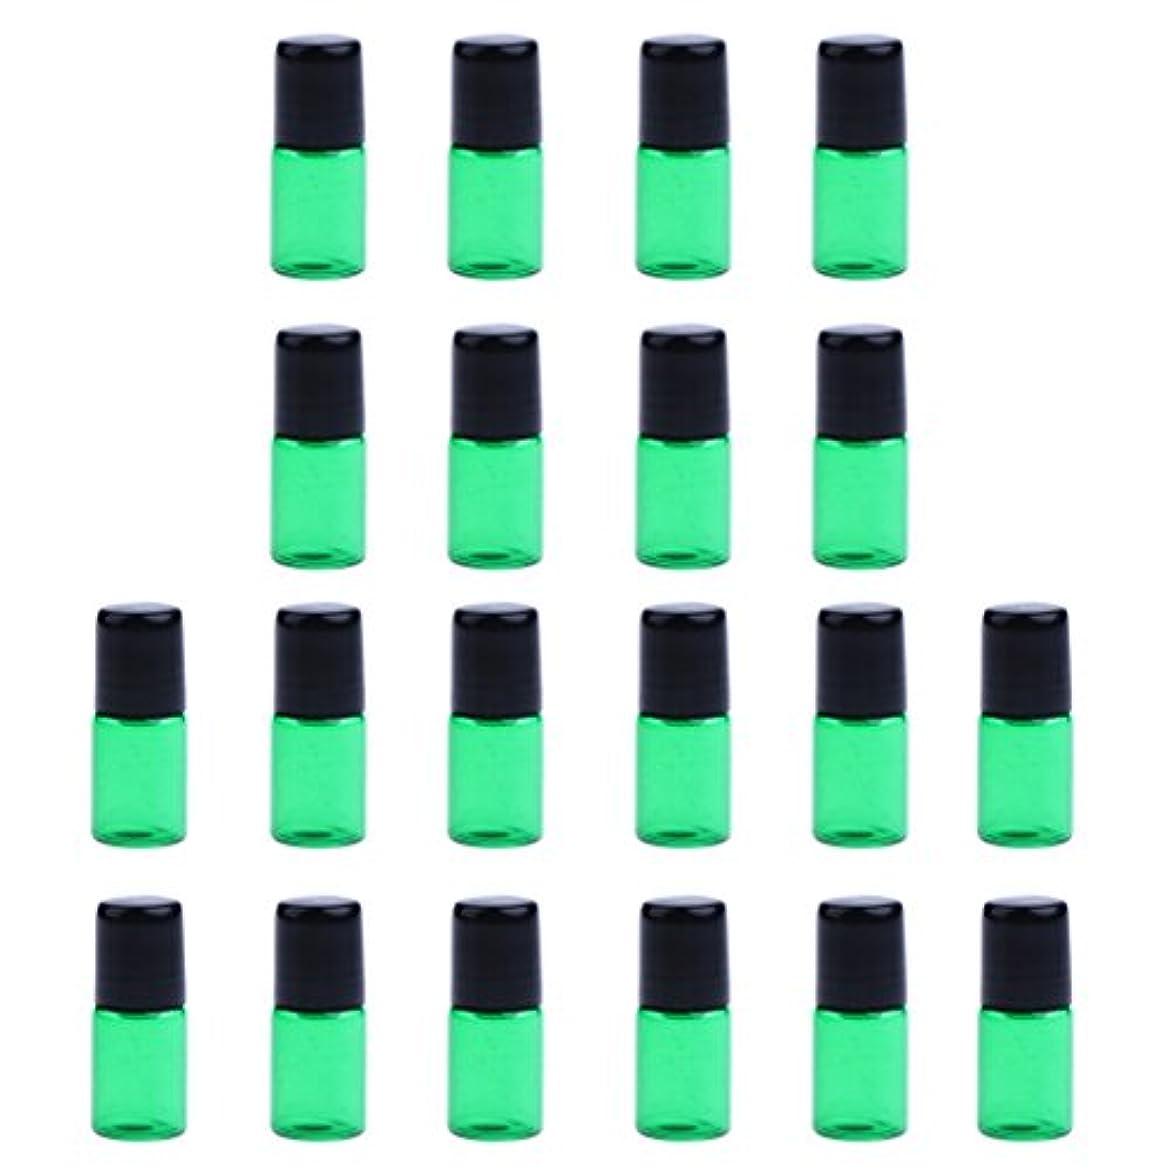 株式暴力的な魂約20個 空ボトル ガラスロール コスメ用 詰替え 容器 オイル 香水 ガラス瓶 プラスチックブラックキャップ 全4色3サイズ選べる - 緑, 3ML